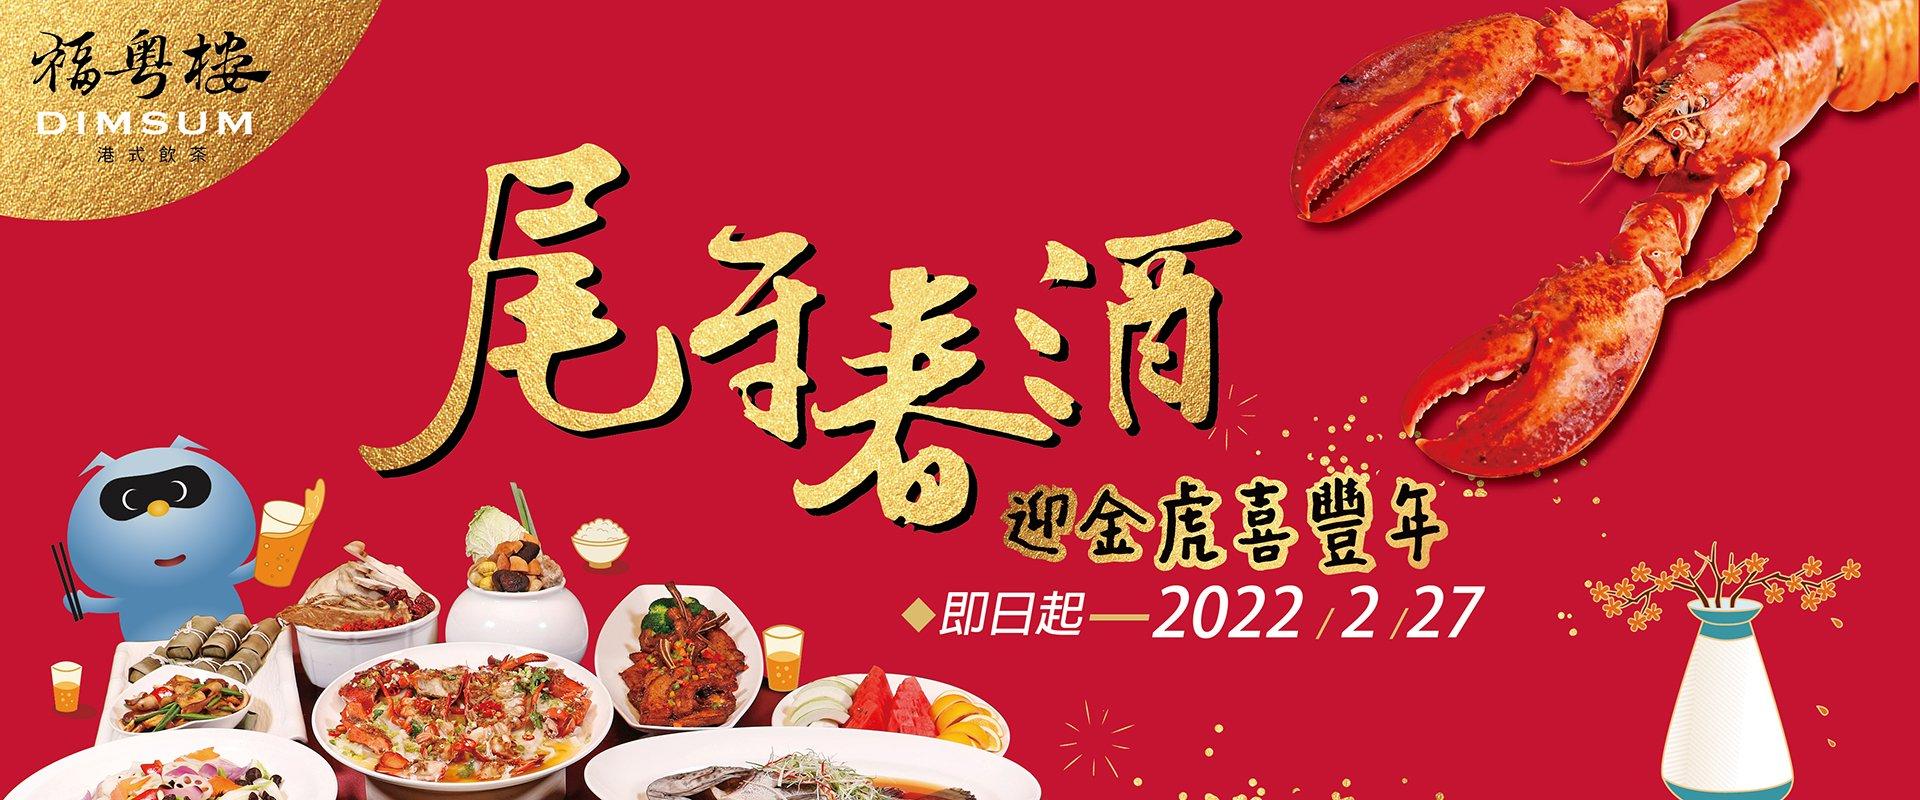 2022『迎金虎喜豐年』-尾牙春酒專案